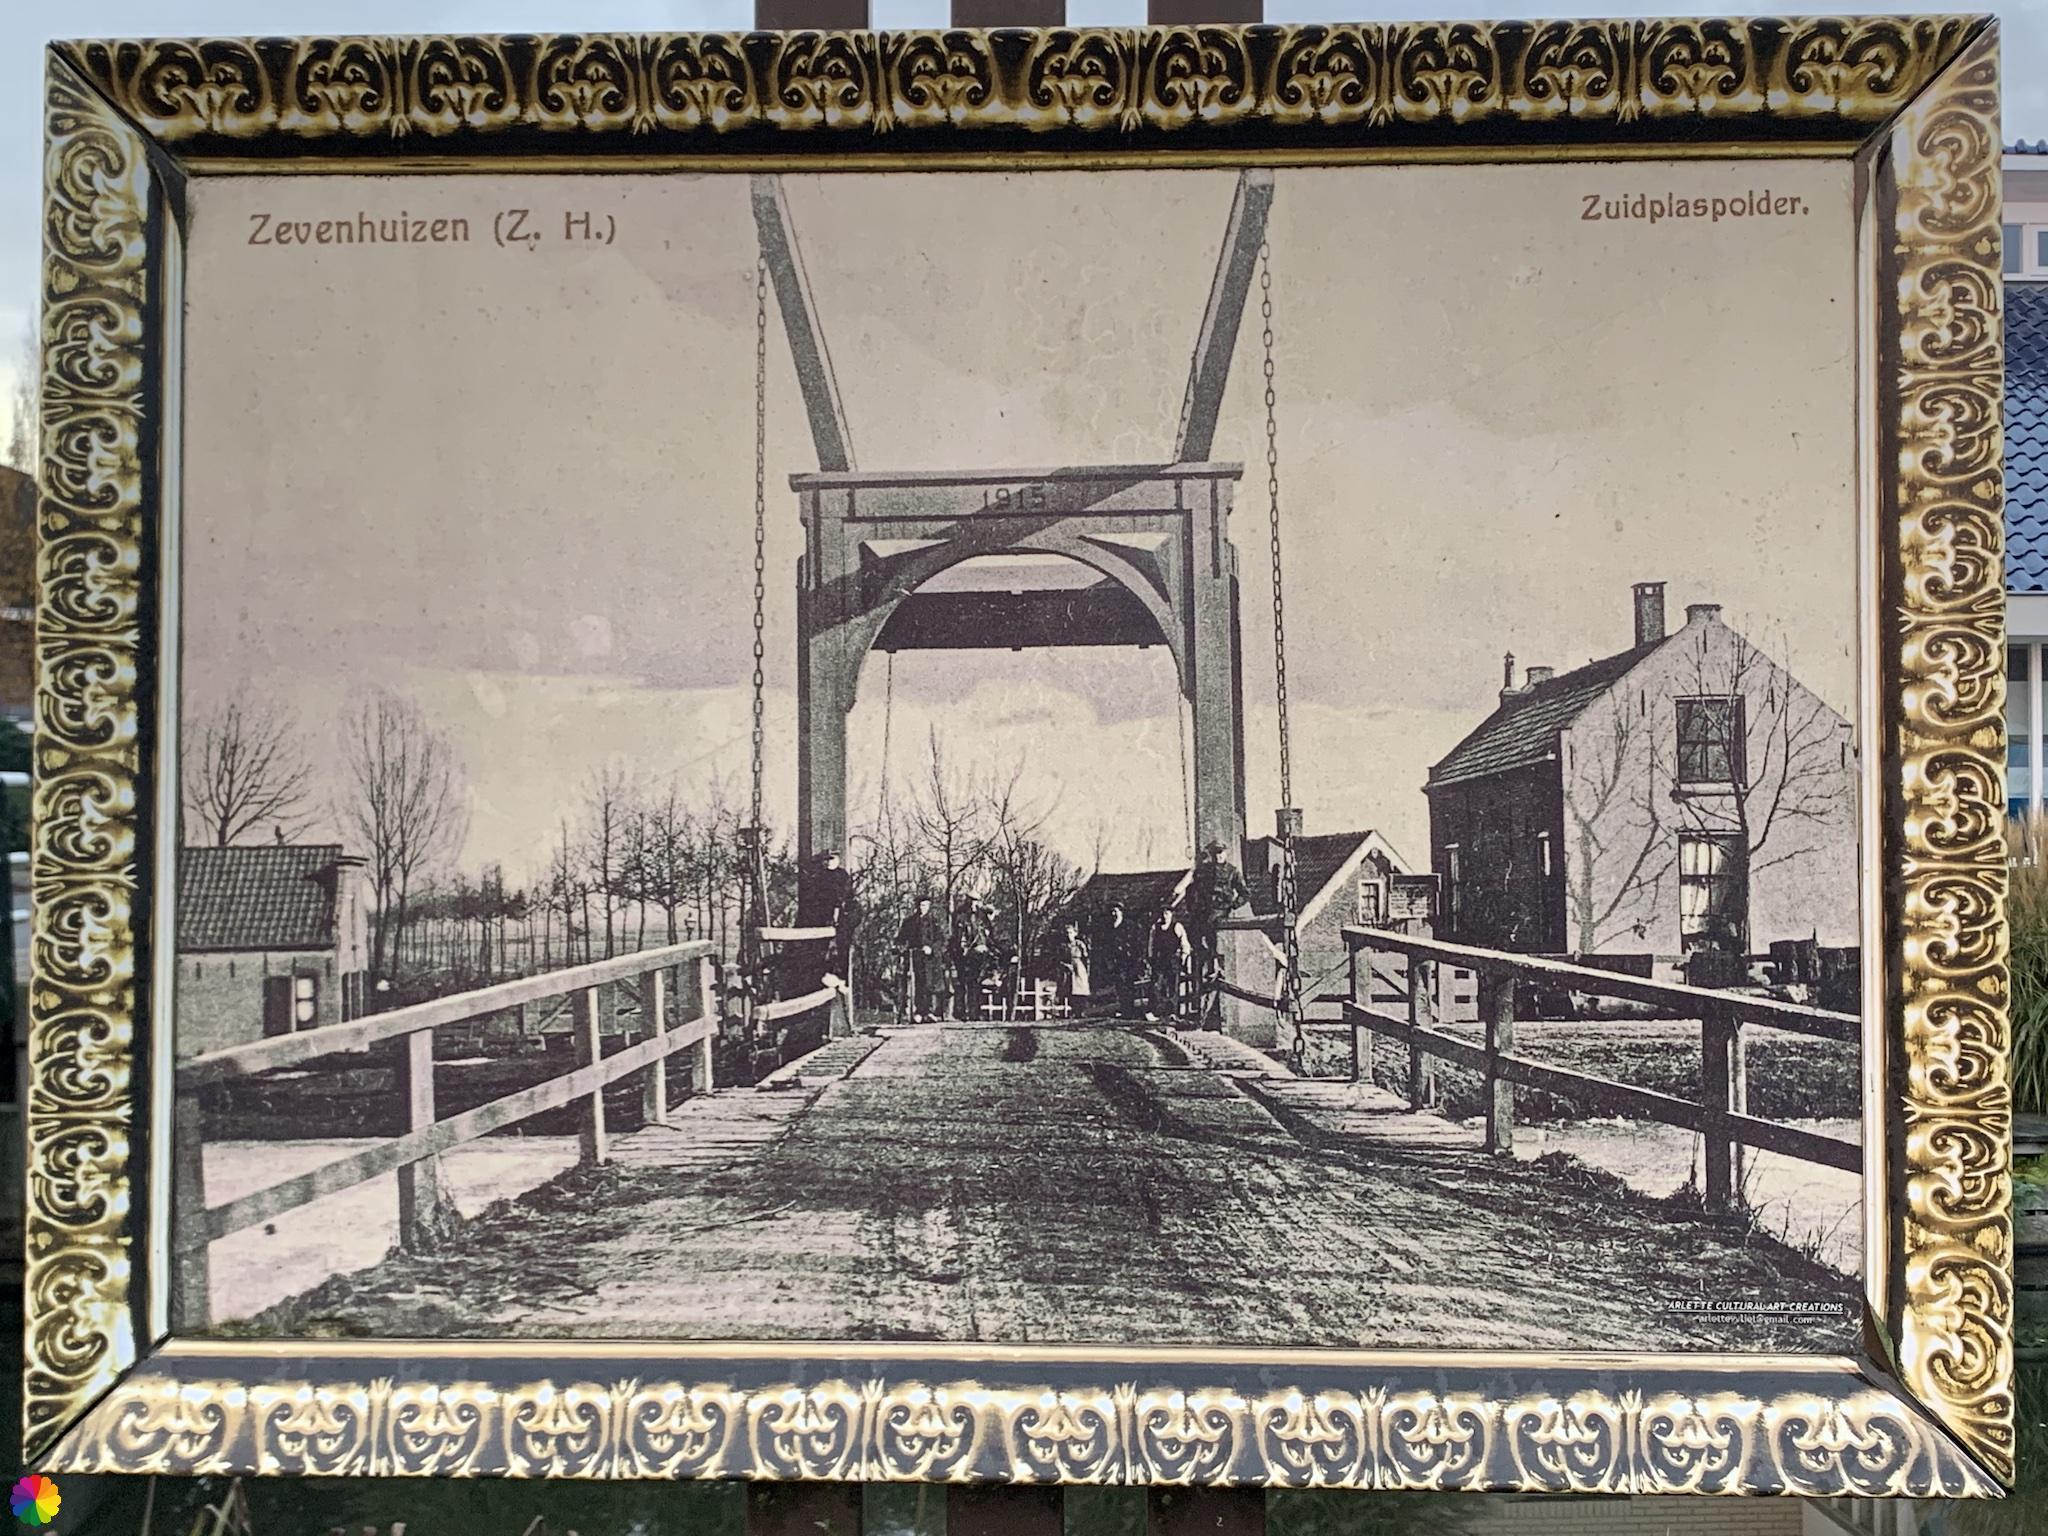 De ophaalbrug van vroeger in Zevenhuizen